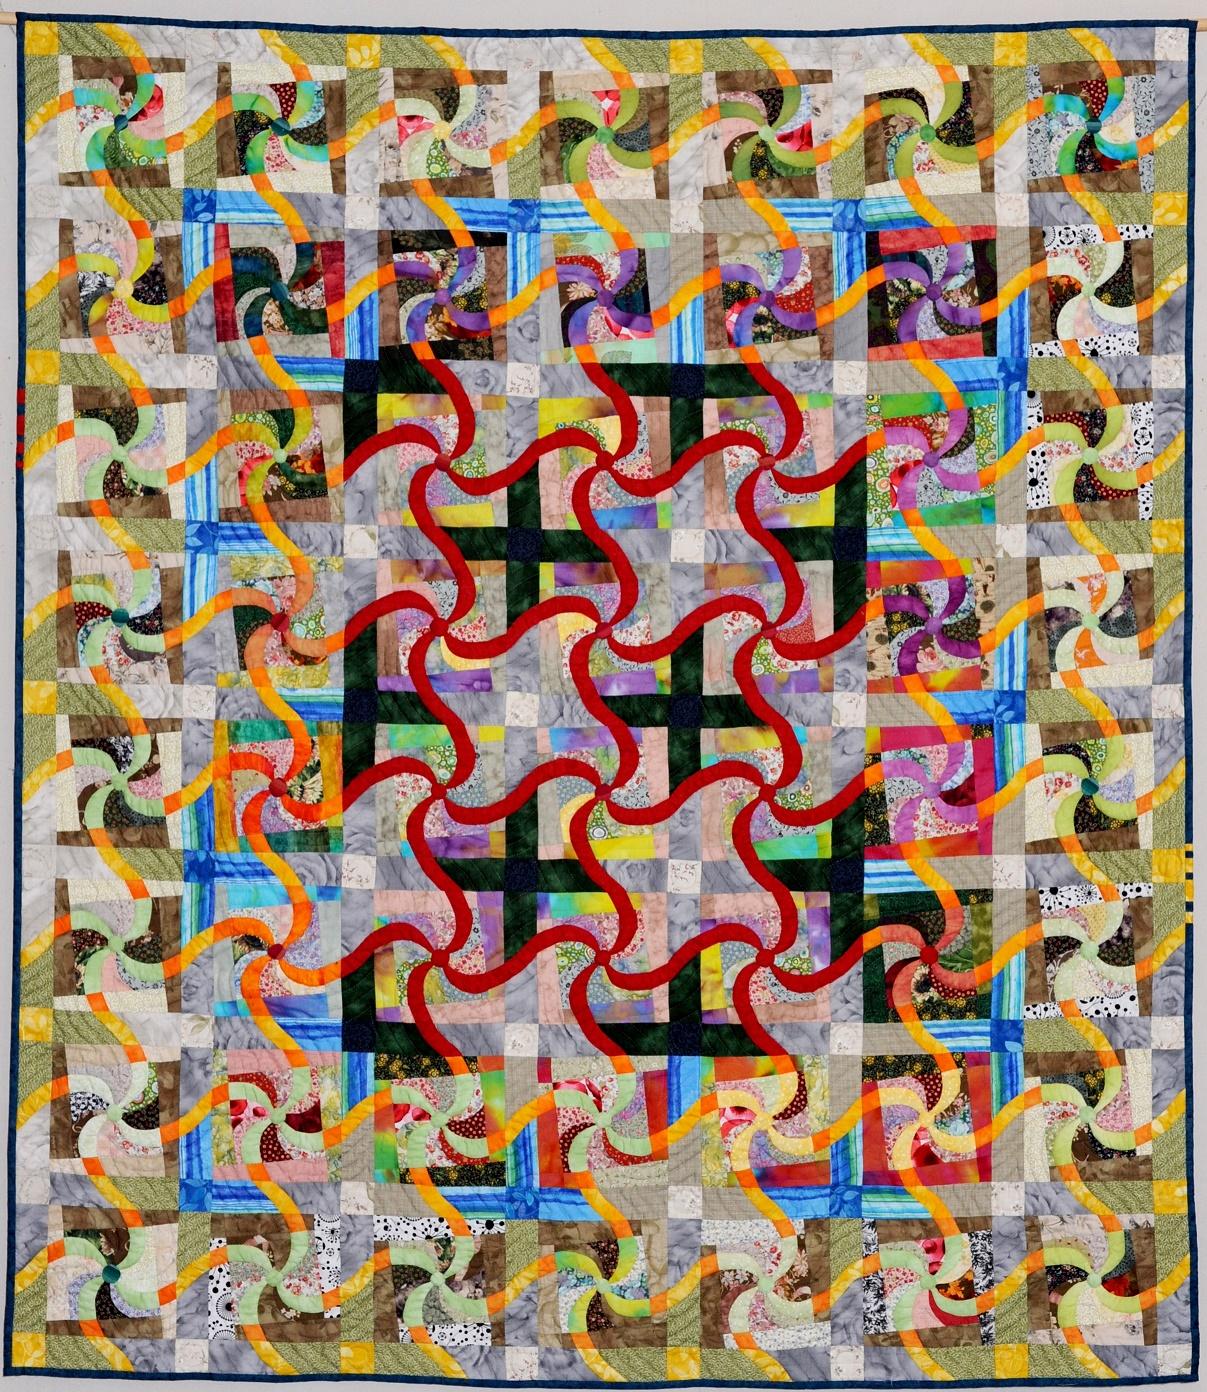 第70回滋賀県美術展覧会(工芸の部)佳作「未来へつなごう!」